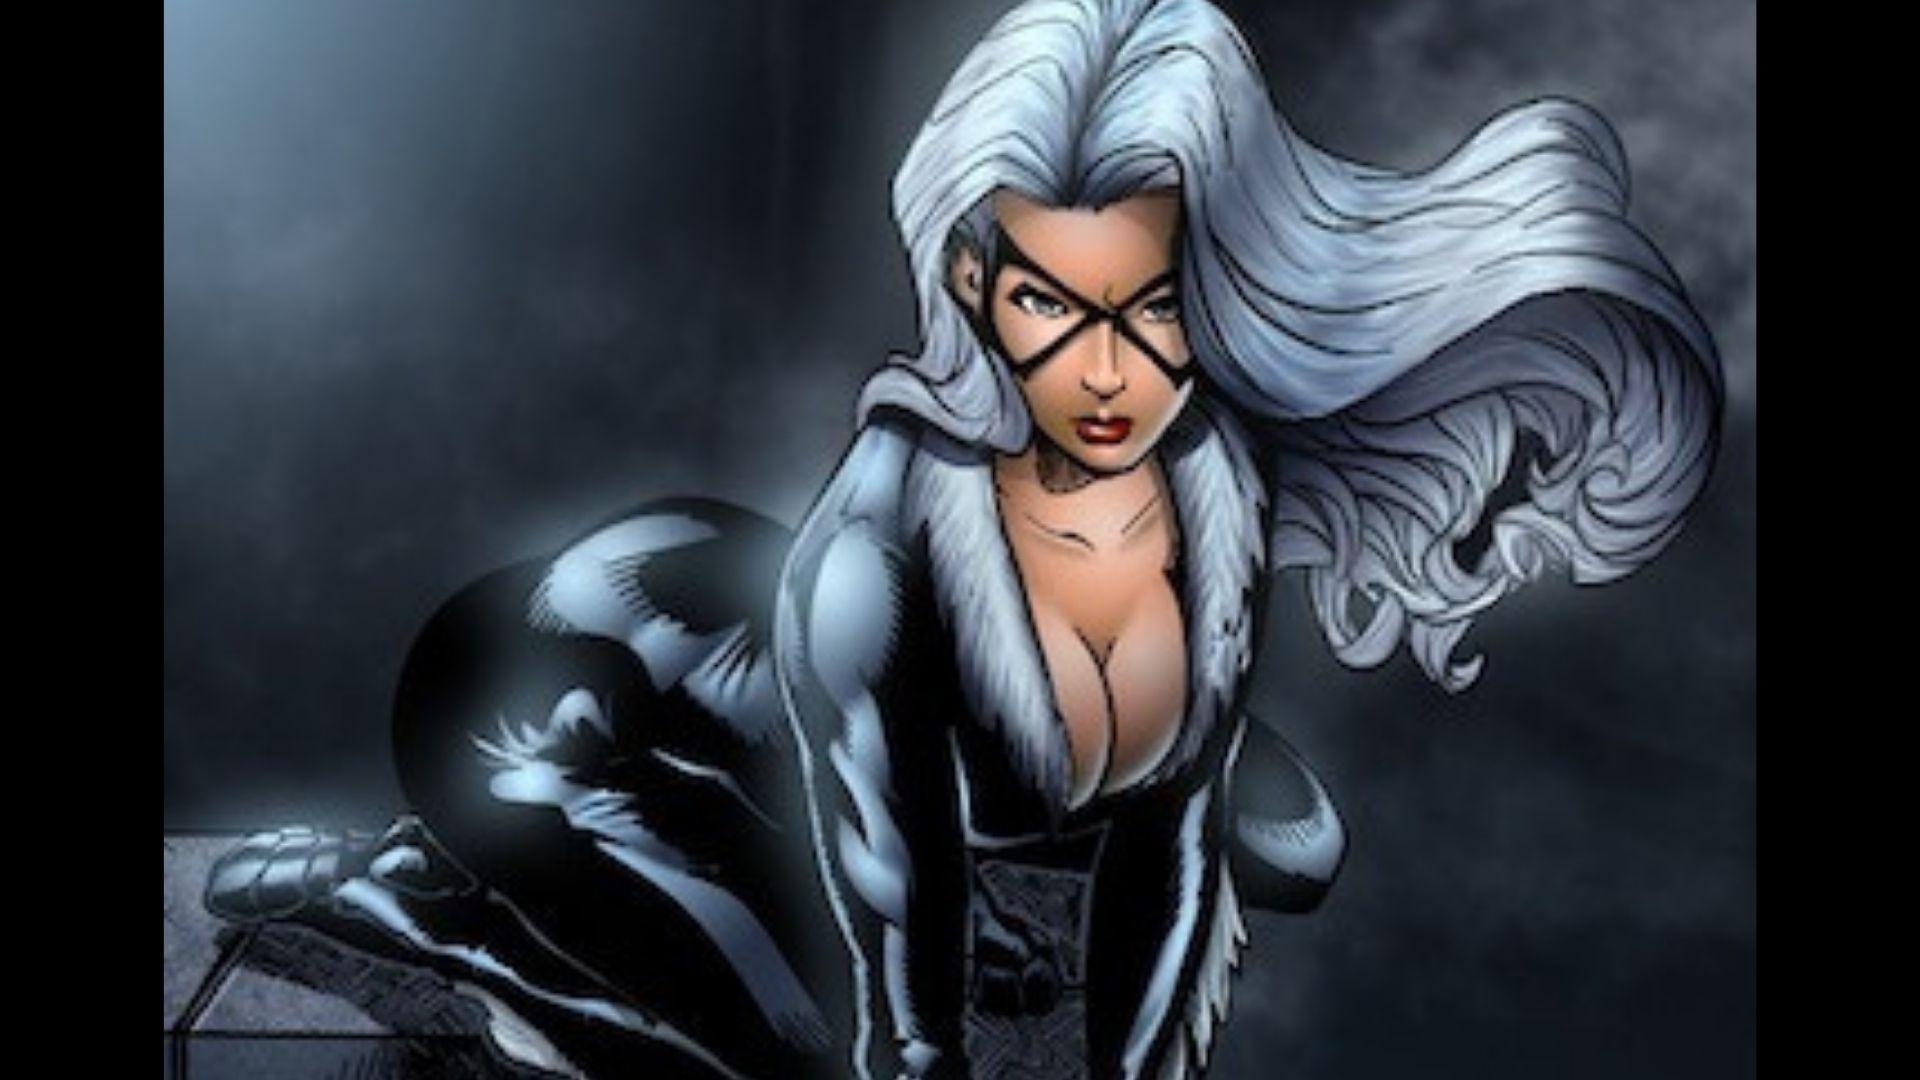 【スパイダーマン】ブラックキャットの強さ・能力について解説!【マーベル原作】